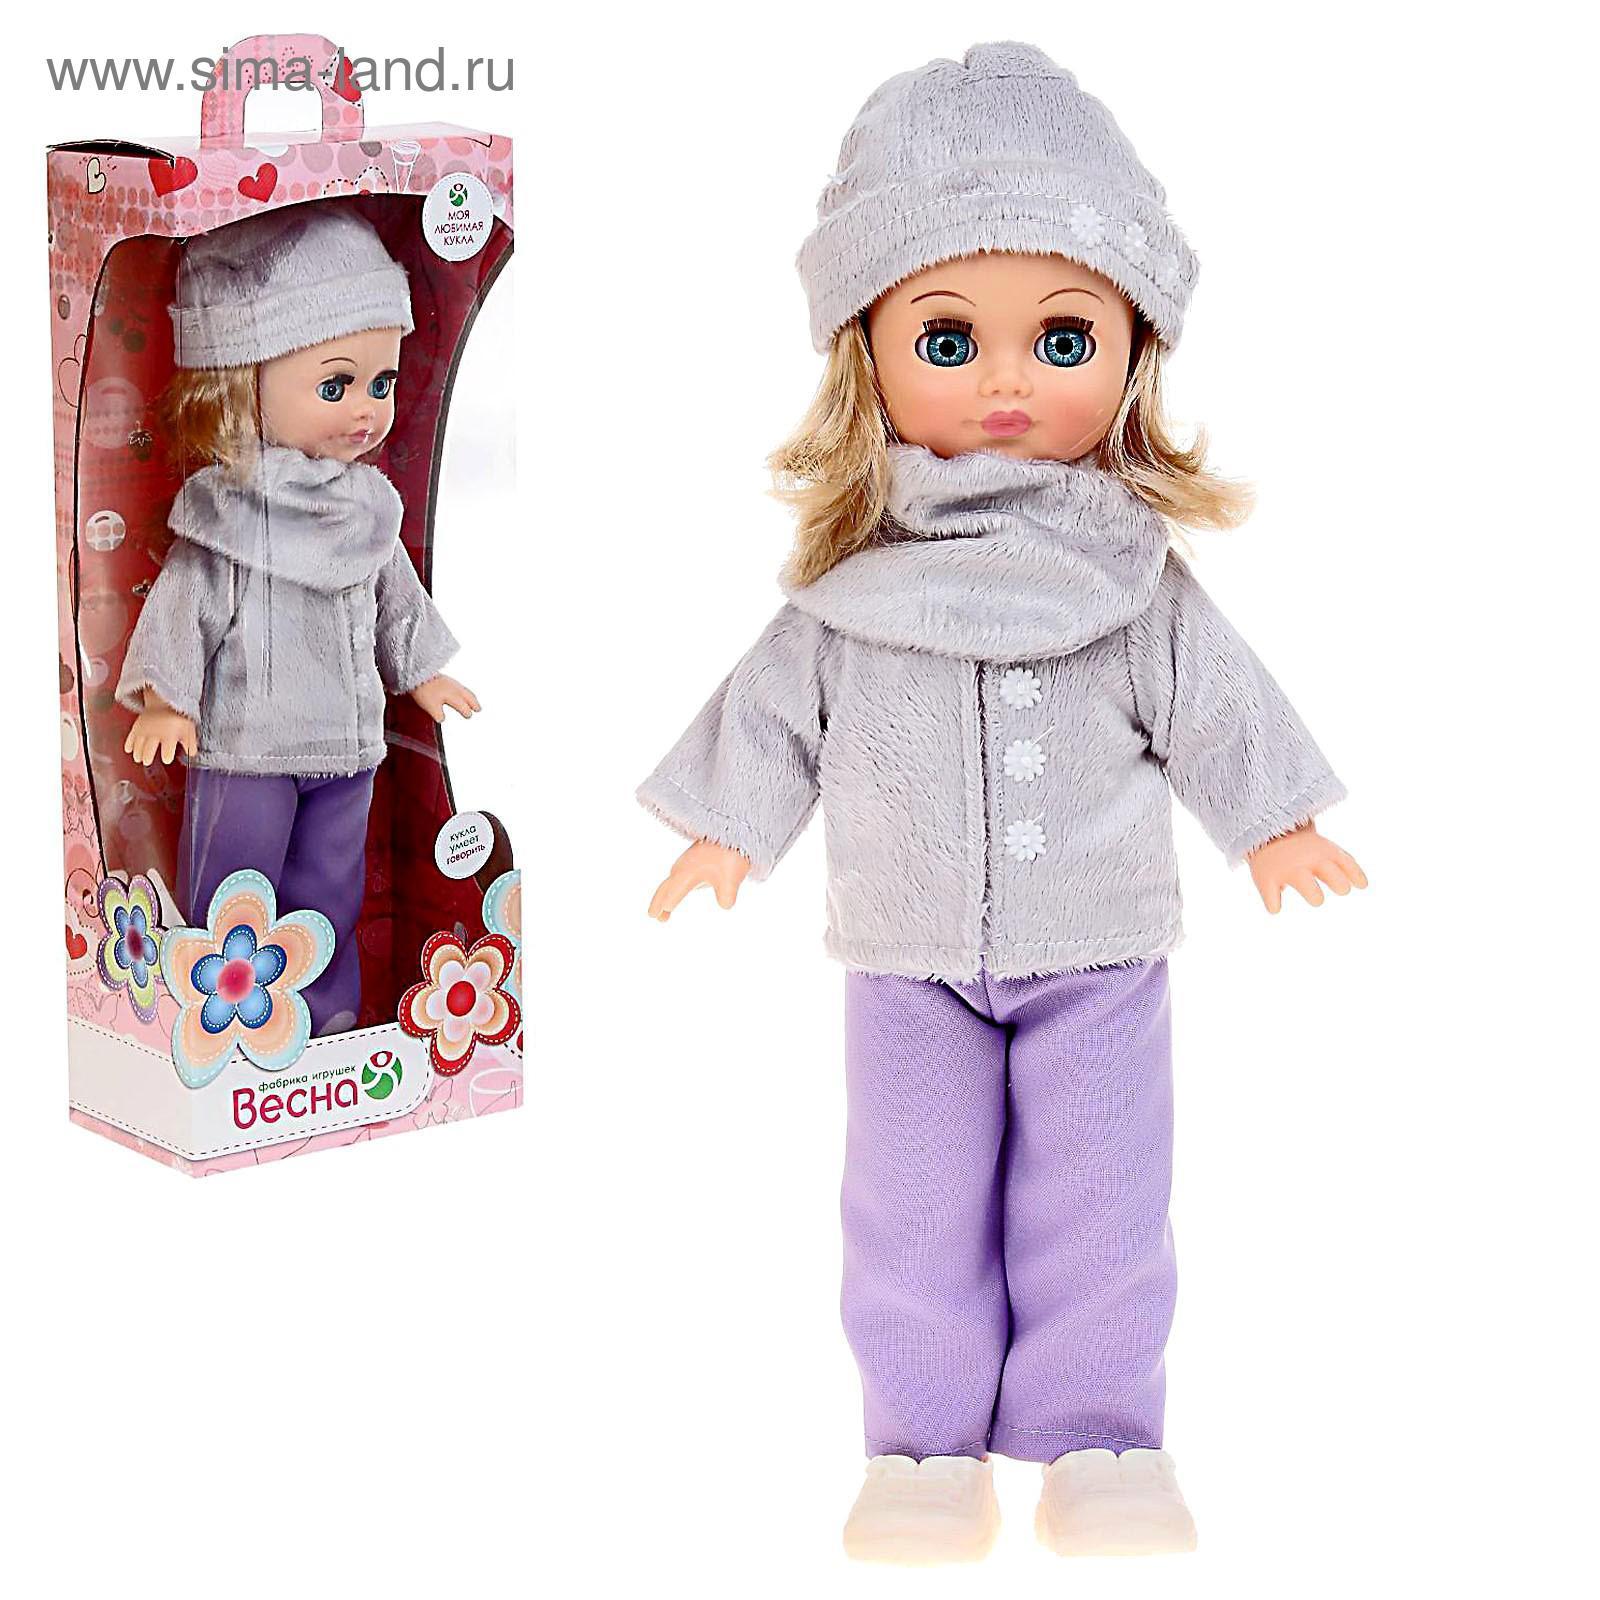 002638418ba Кукла